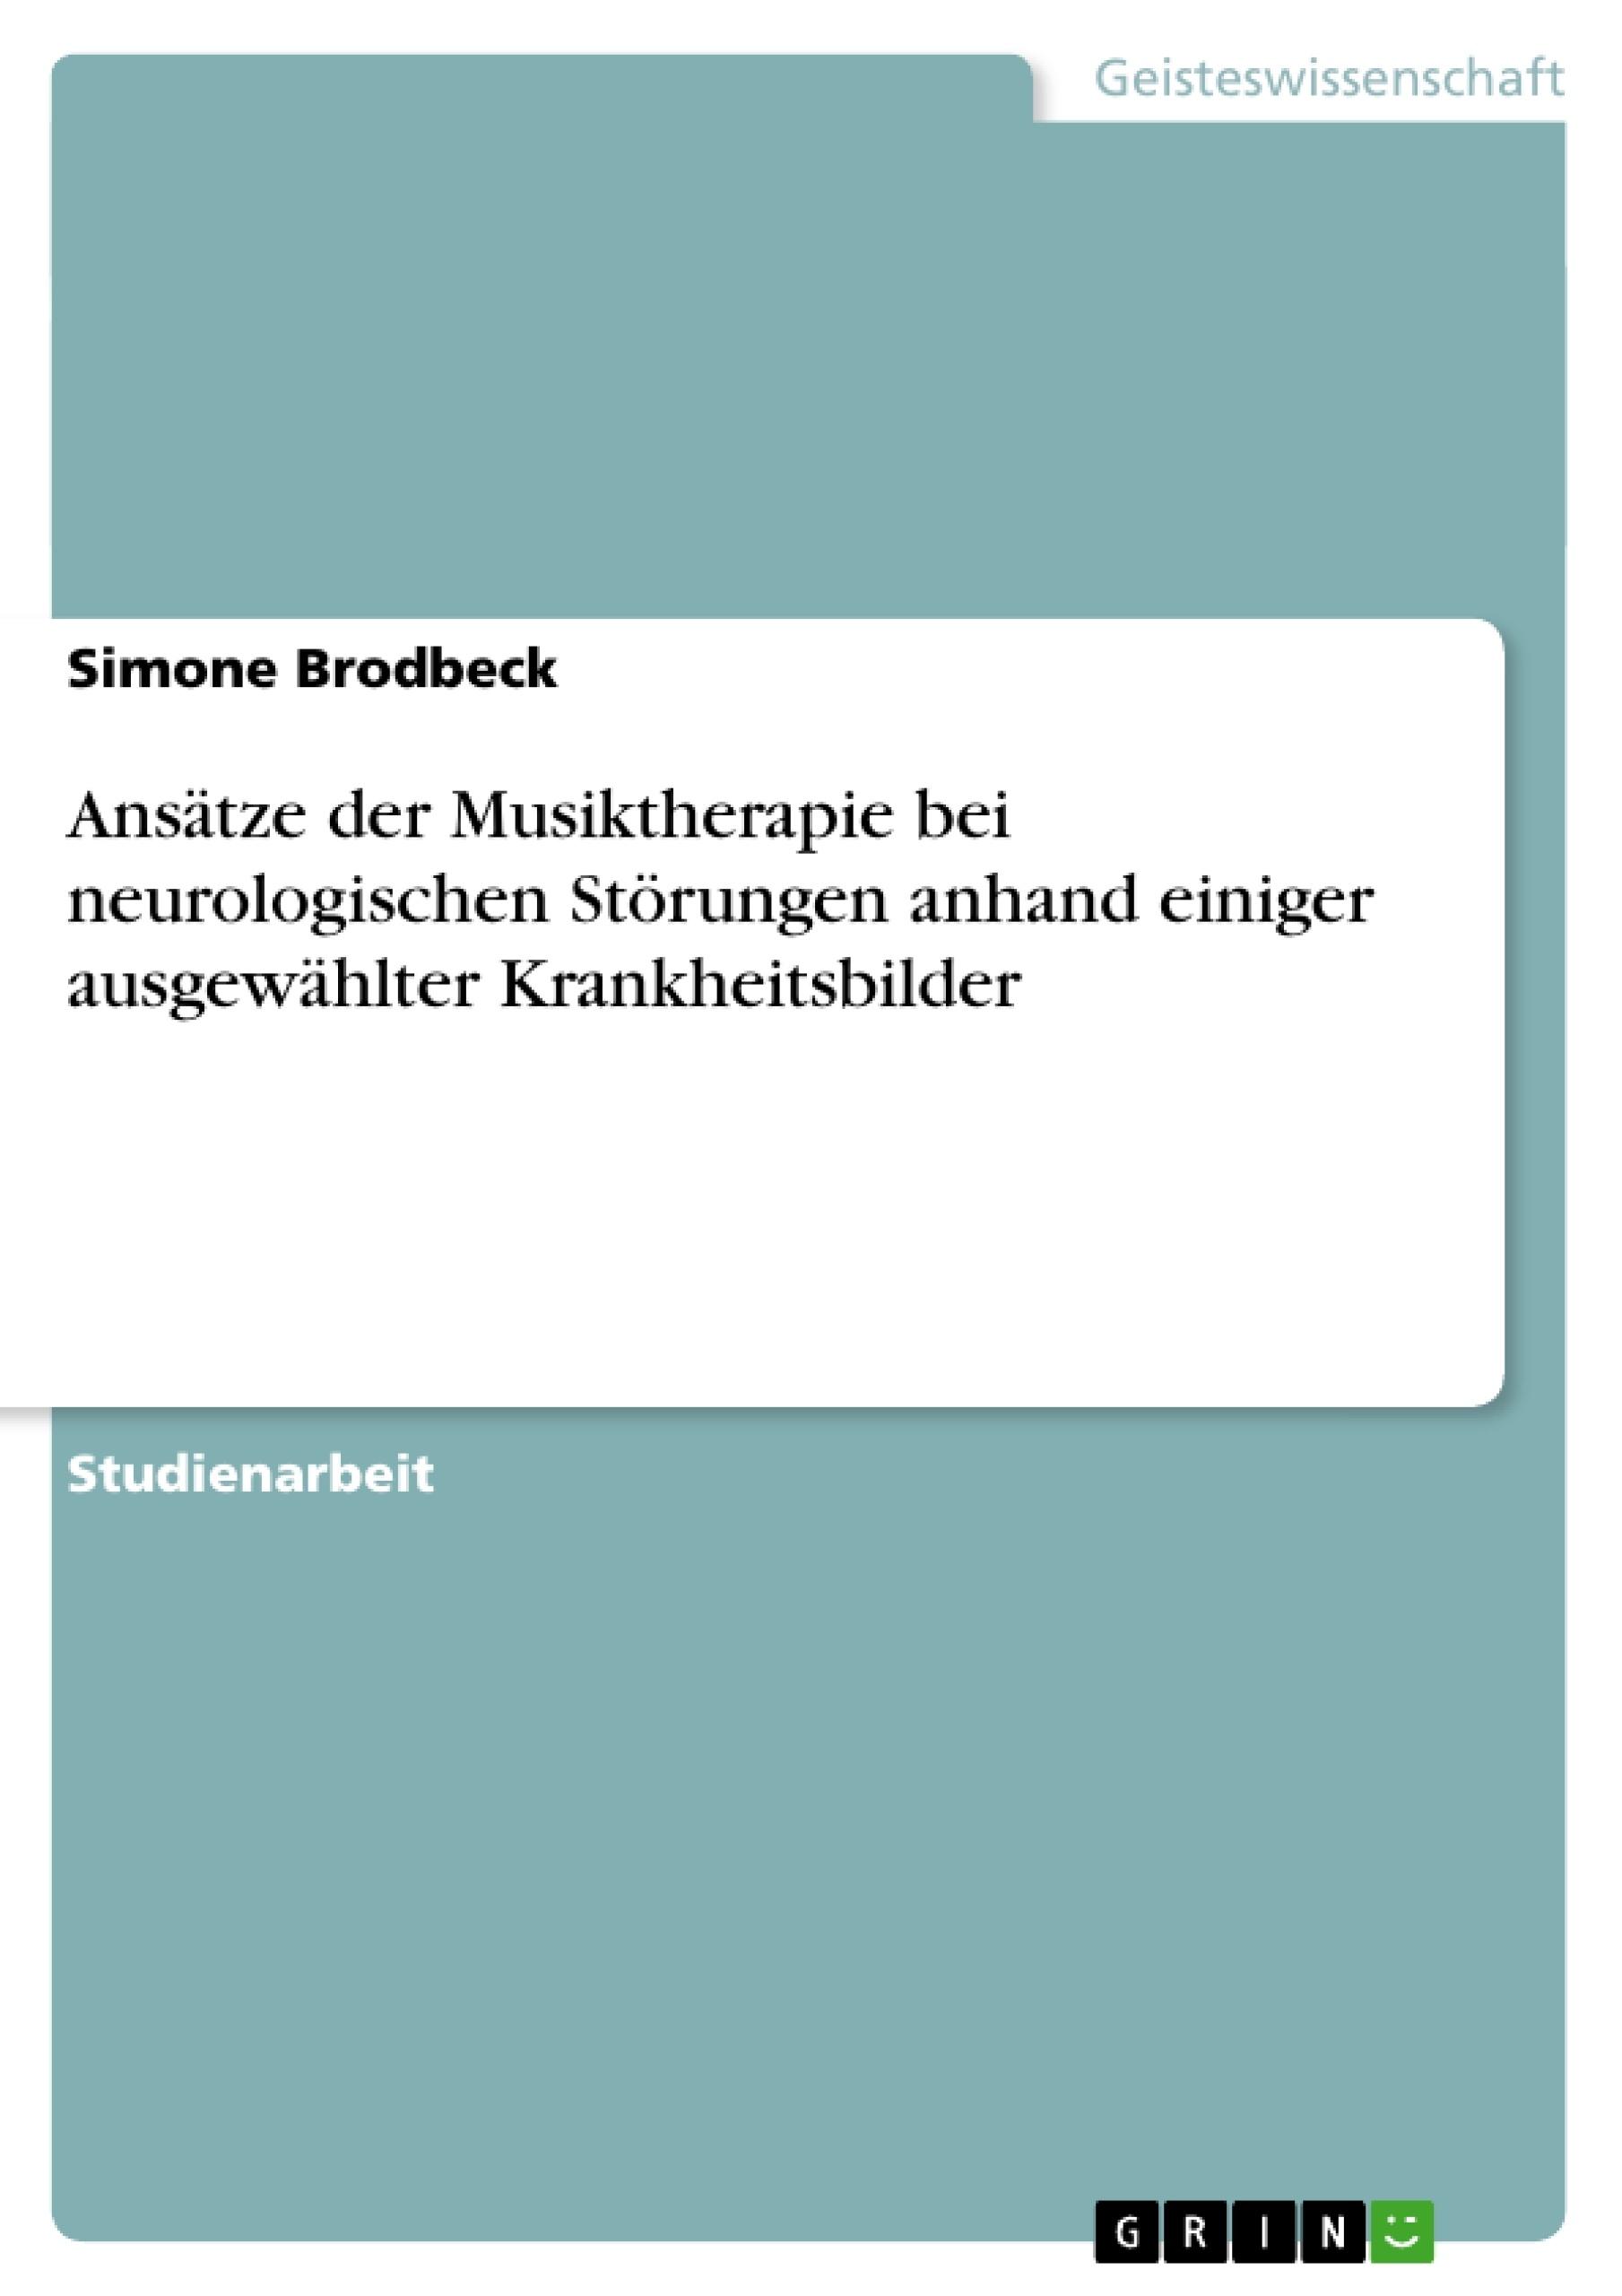 Titel: Ansätze der Musiktherapie bei neurologischen Störungen anhand einiger ausgewählter Krankheitsbilder